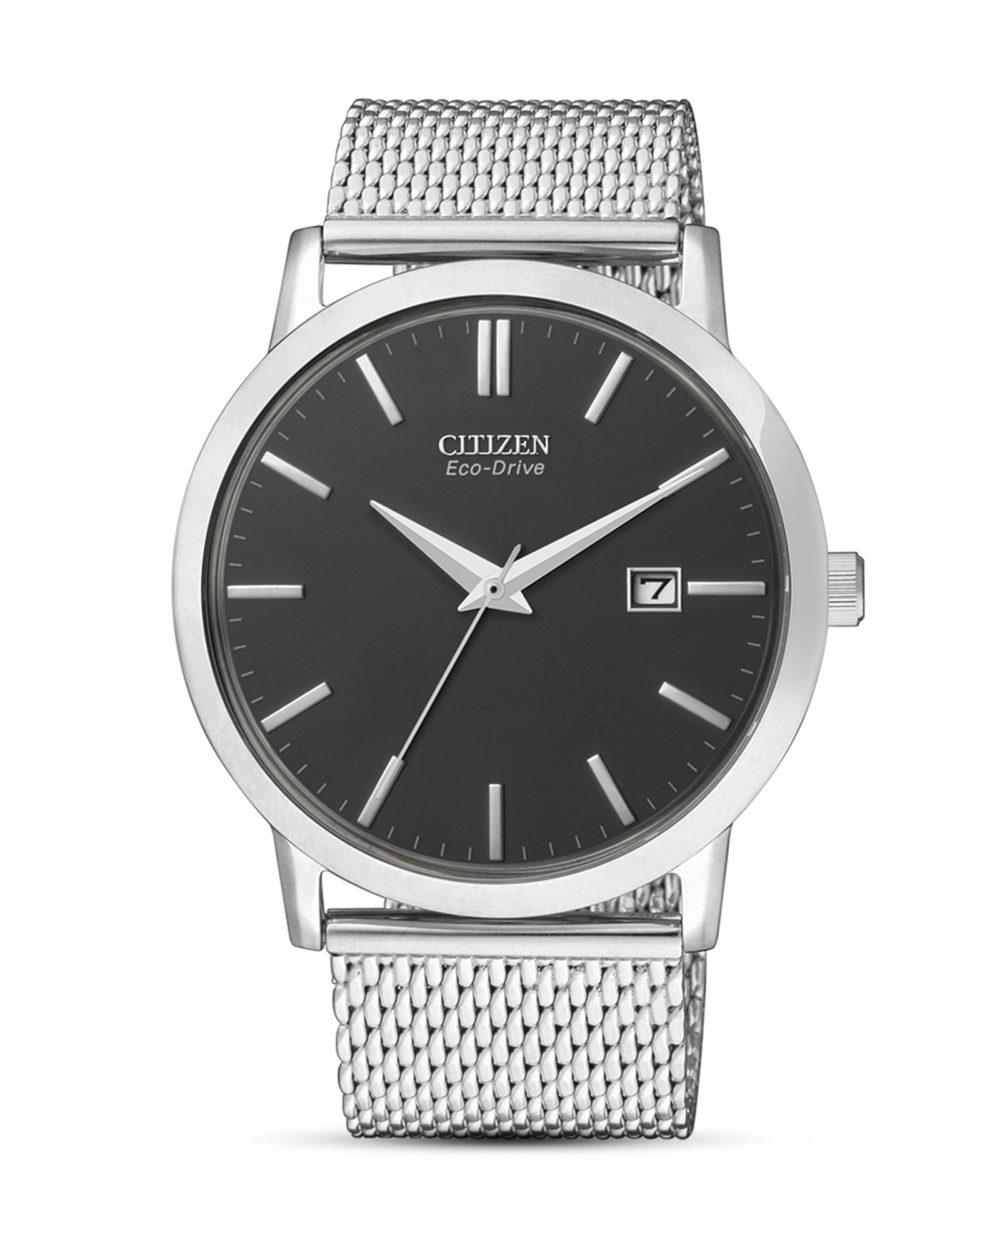 20% extra Rabatt auf den gesamten Sale bzw. 25% auf 9 ausgewählte Armbanduhren, z.B. Citizen Solaruhr Eco-Drive Elegant BM7190-56H für 89,25€ statt 134,10€